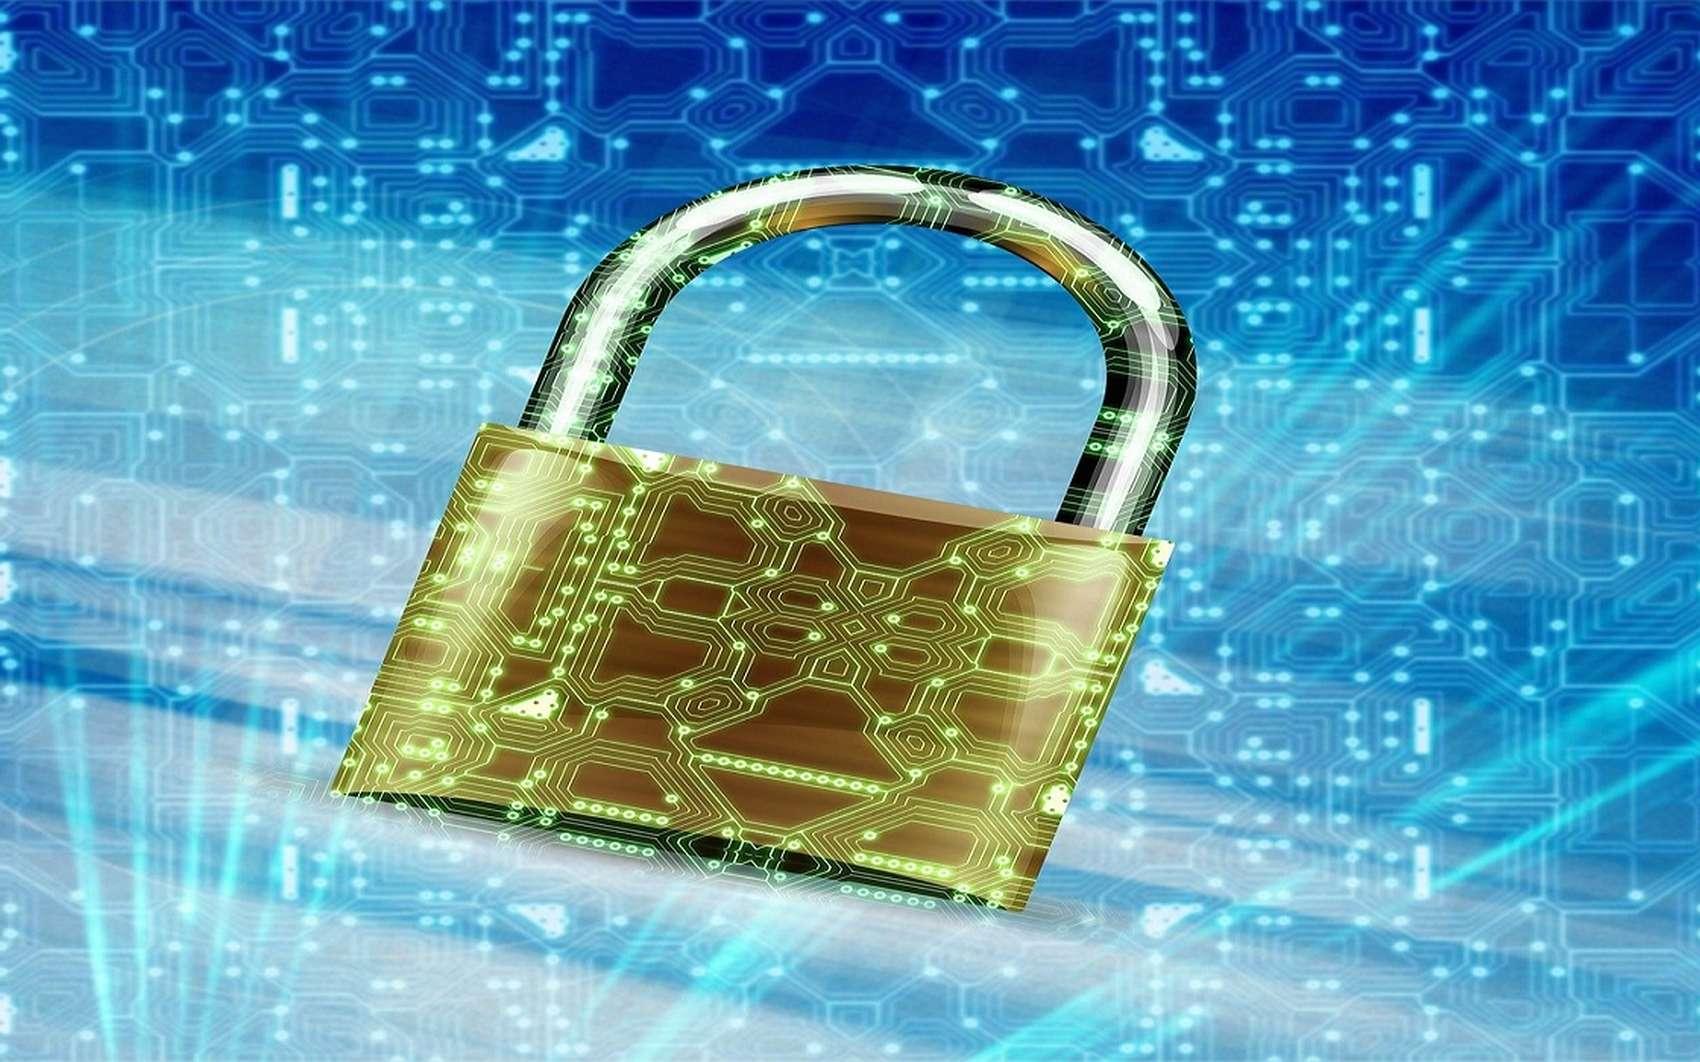 Futura vous explique comment savoir si un VPN est vraiment sécurisé. © Jan Alexander de Pixabay